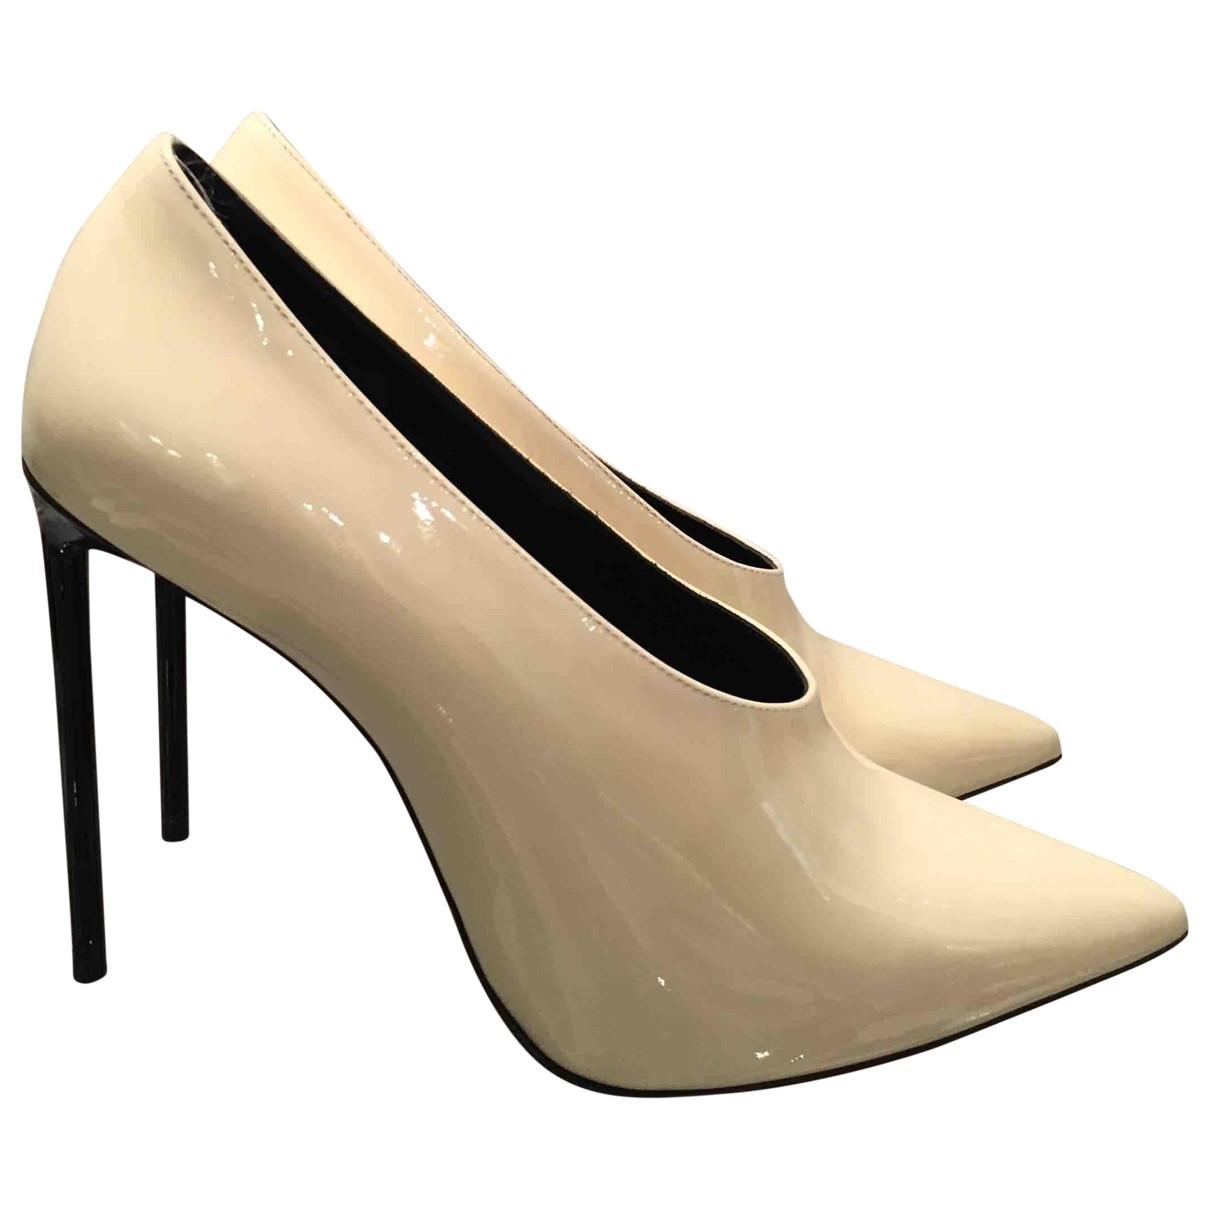 Saint Laurent \N Ecru Patent leather Heels for Women 36.5 EU